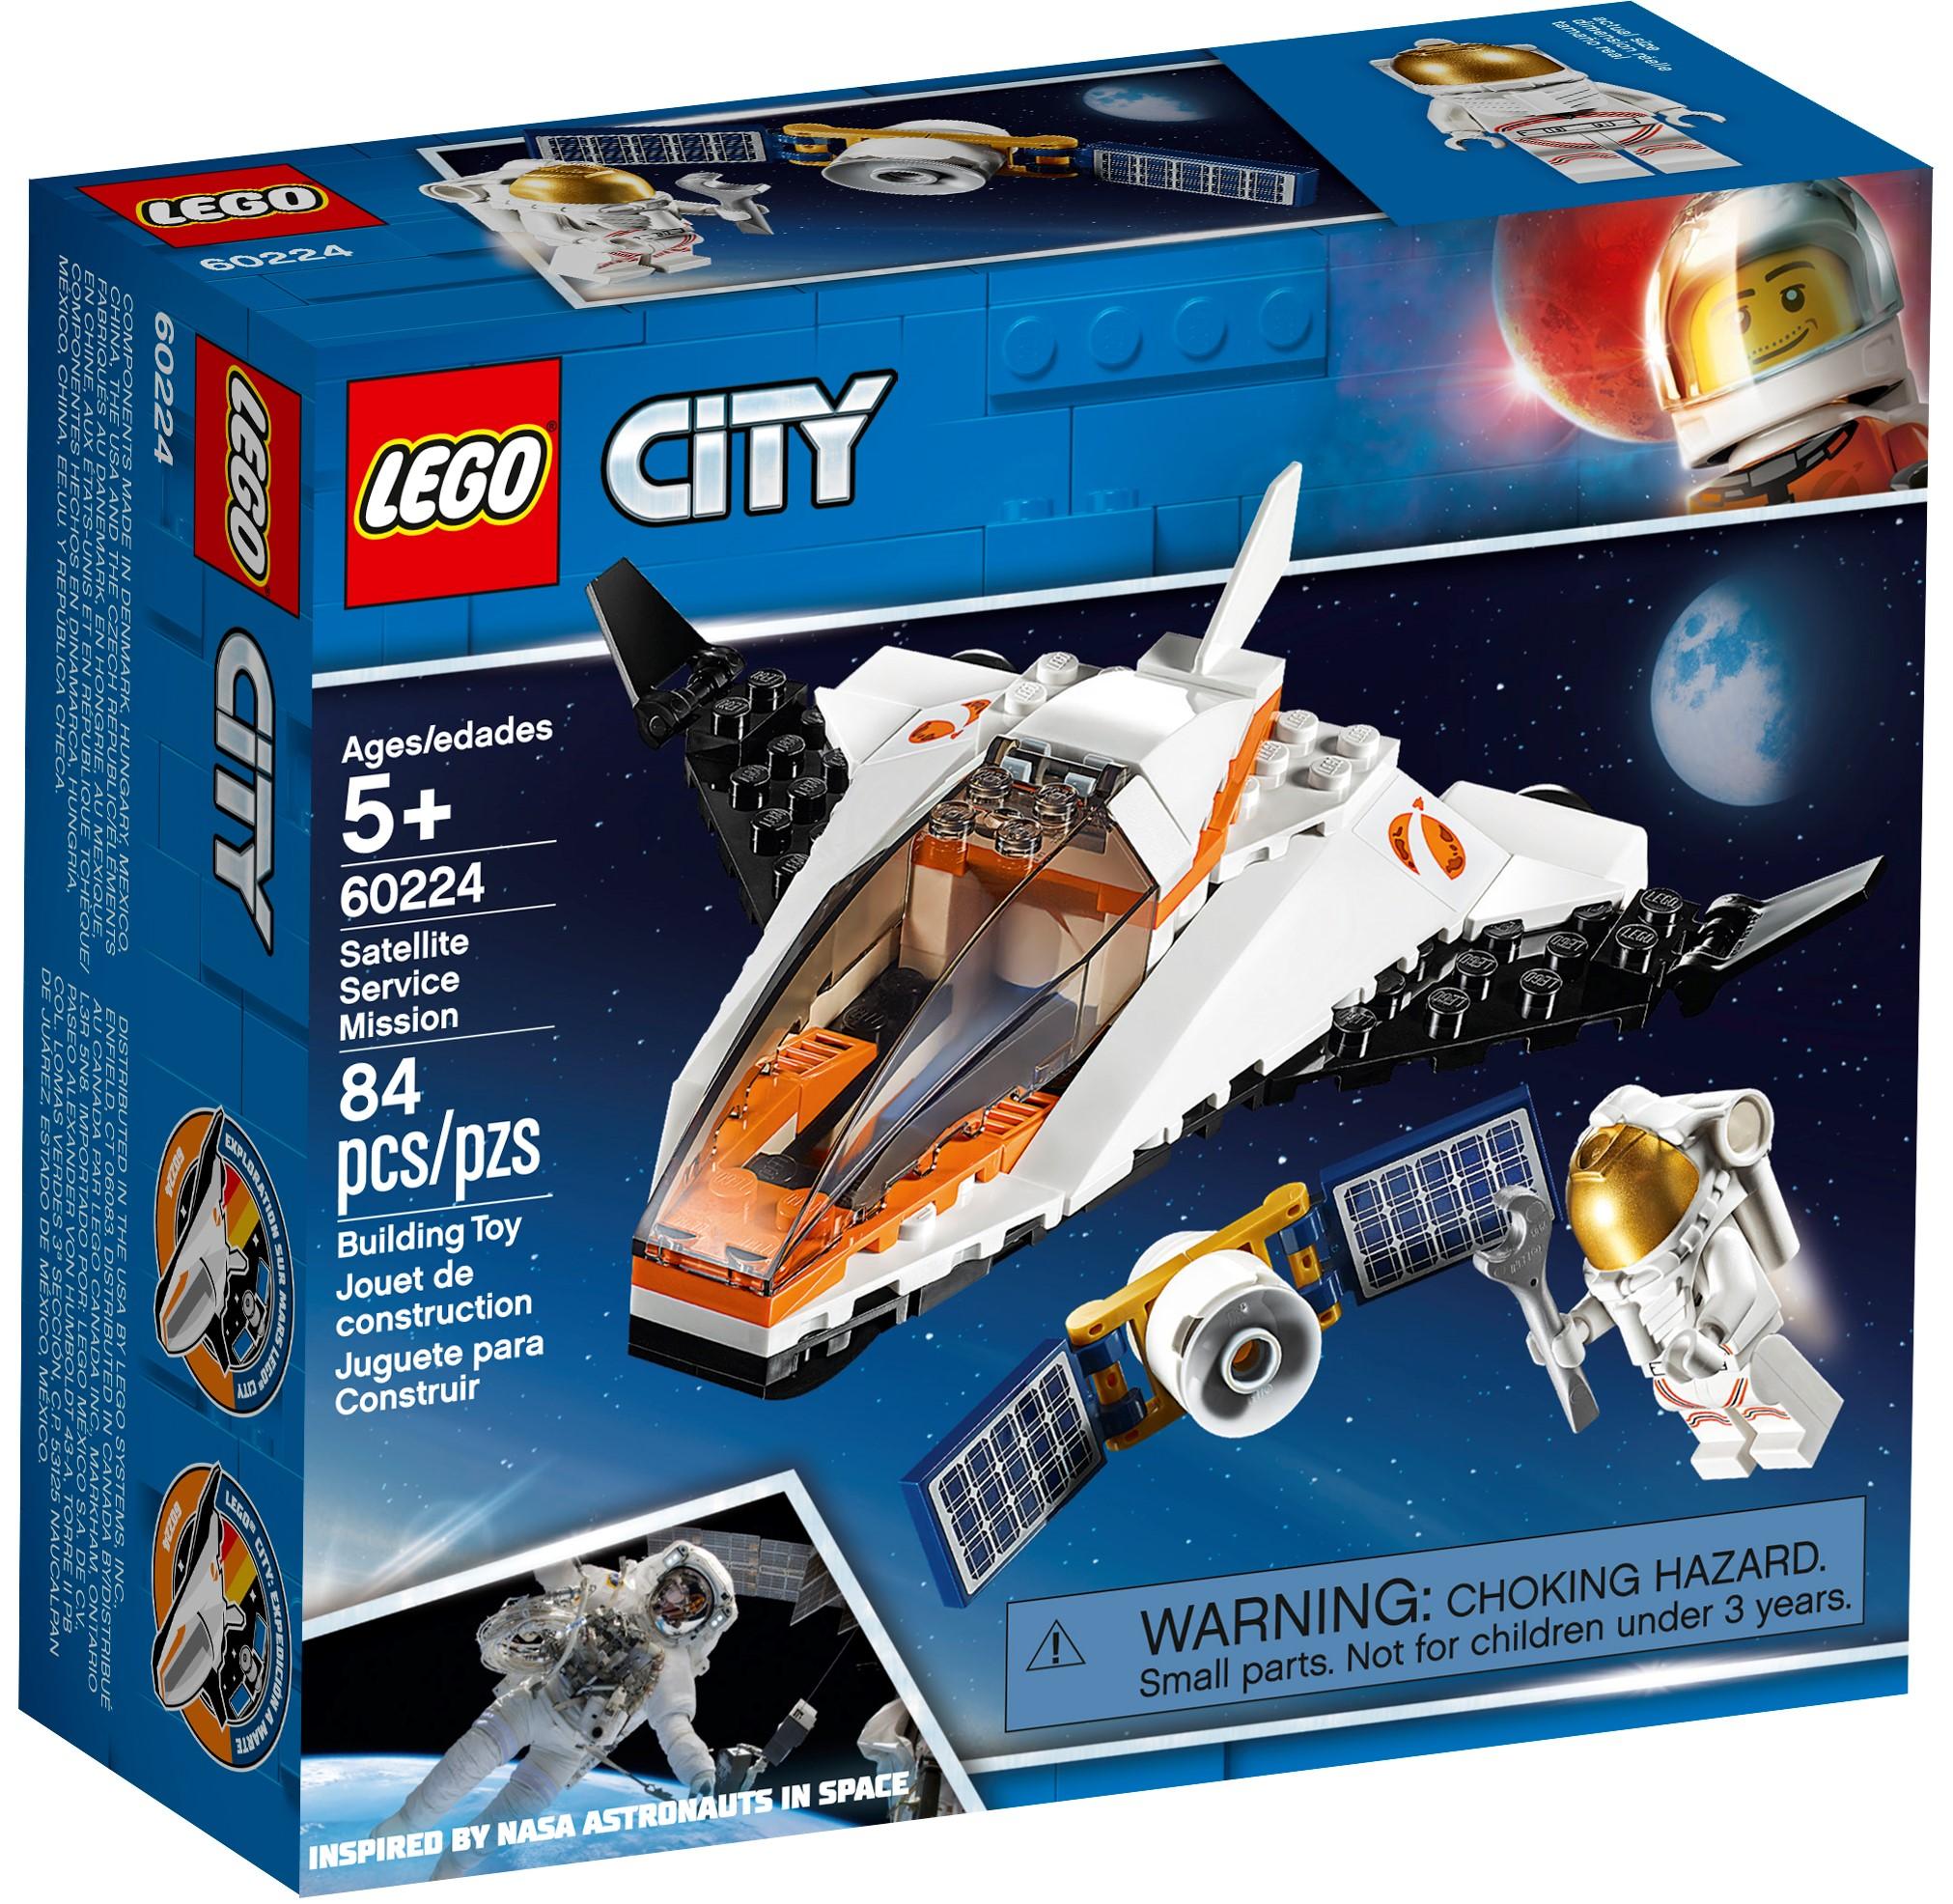 LEGO City Satellite Service Mission 84 Pcs Building Kit Space Shuttle Minifigure